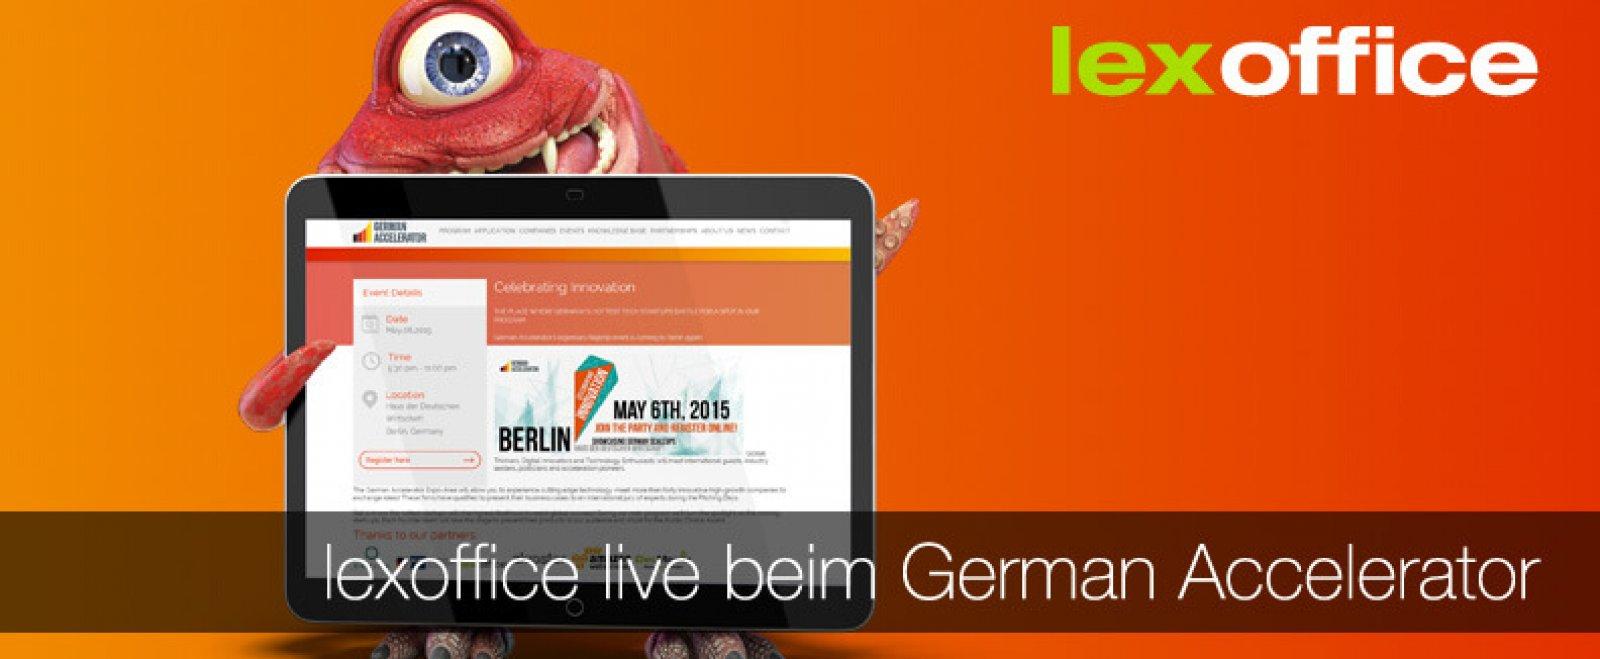 Blanche und Tatjana vom lexoffice Team auf dem German Accelerator in Berlin